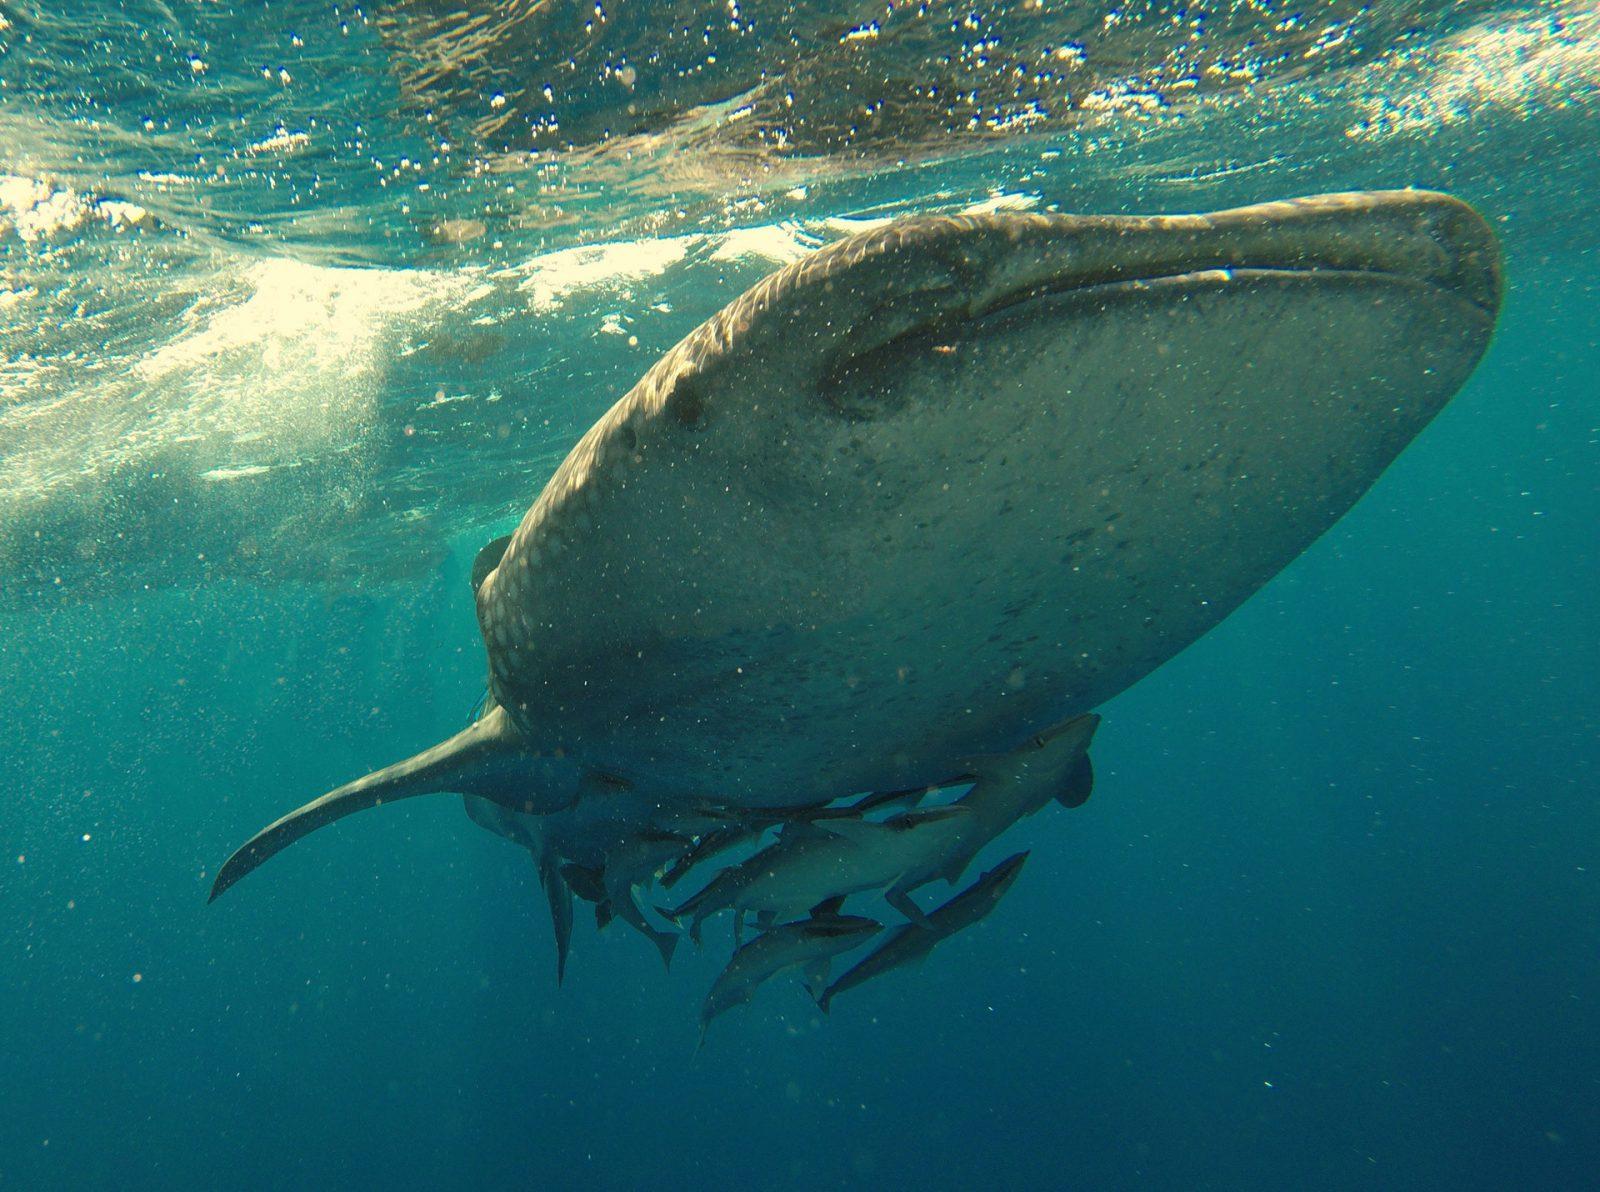 Sonhar com baleia nadando no oceano é sinal de progresso.